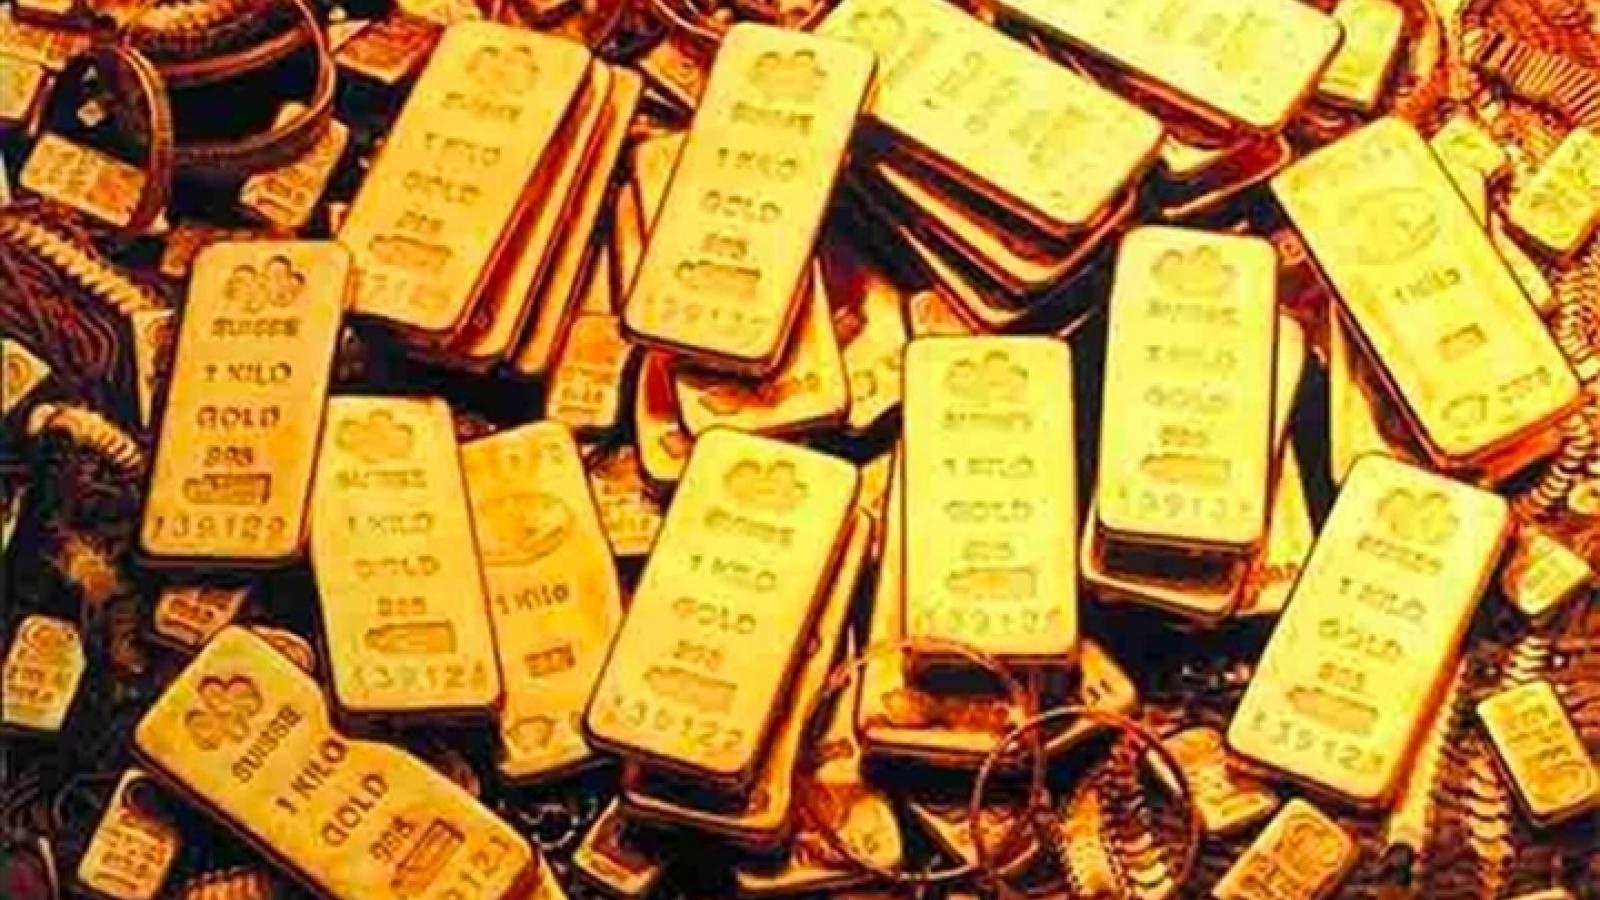 Giá vàng trong nước đứng yên, vàng thế giới tăng nhẹ